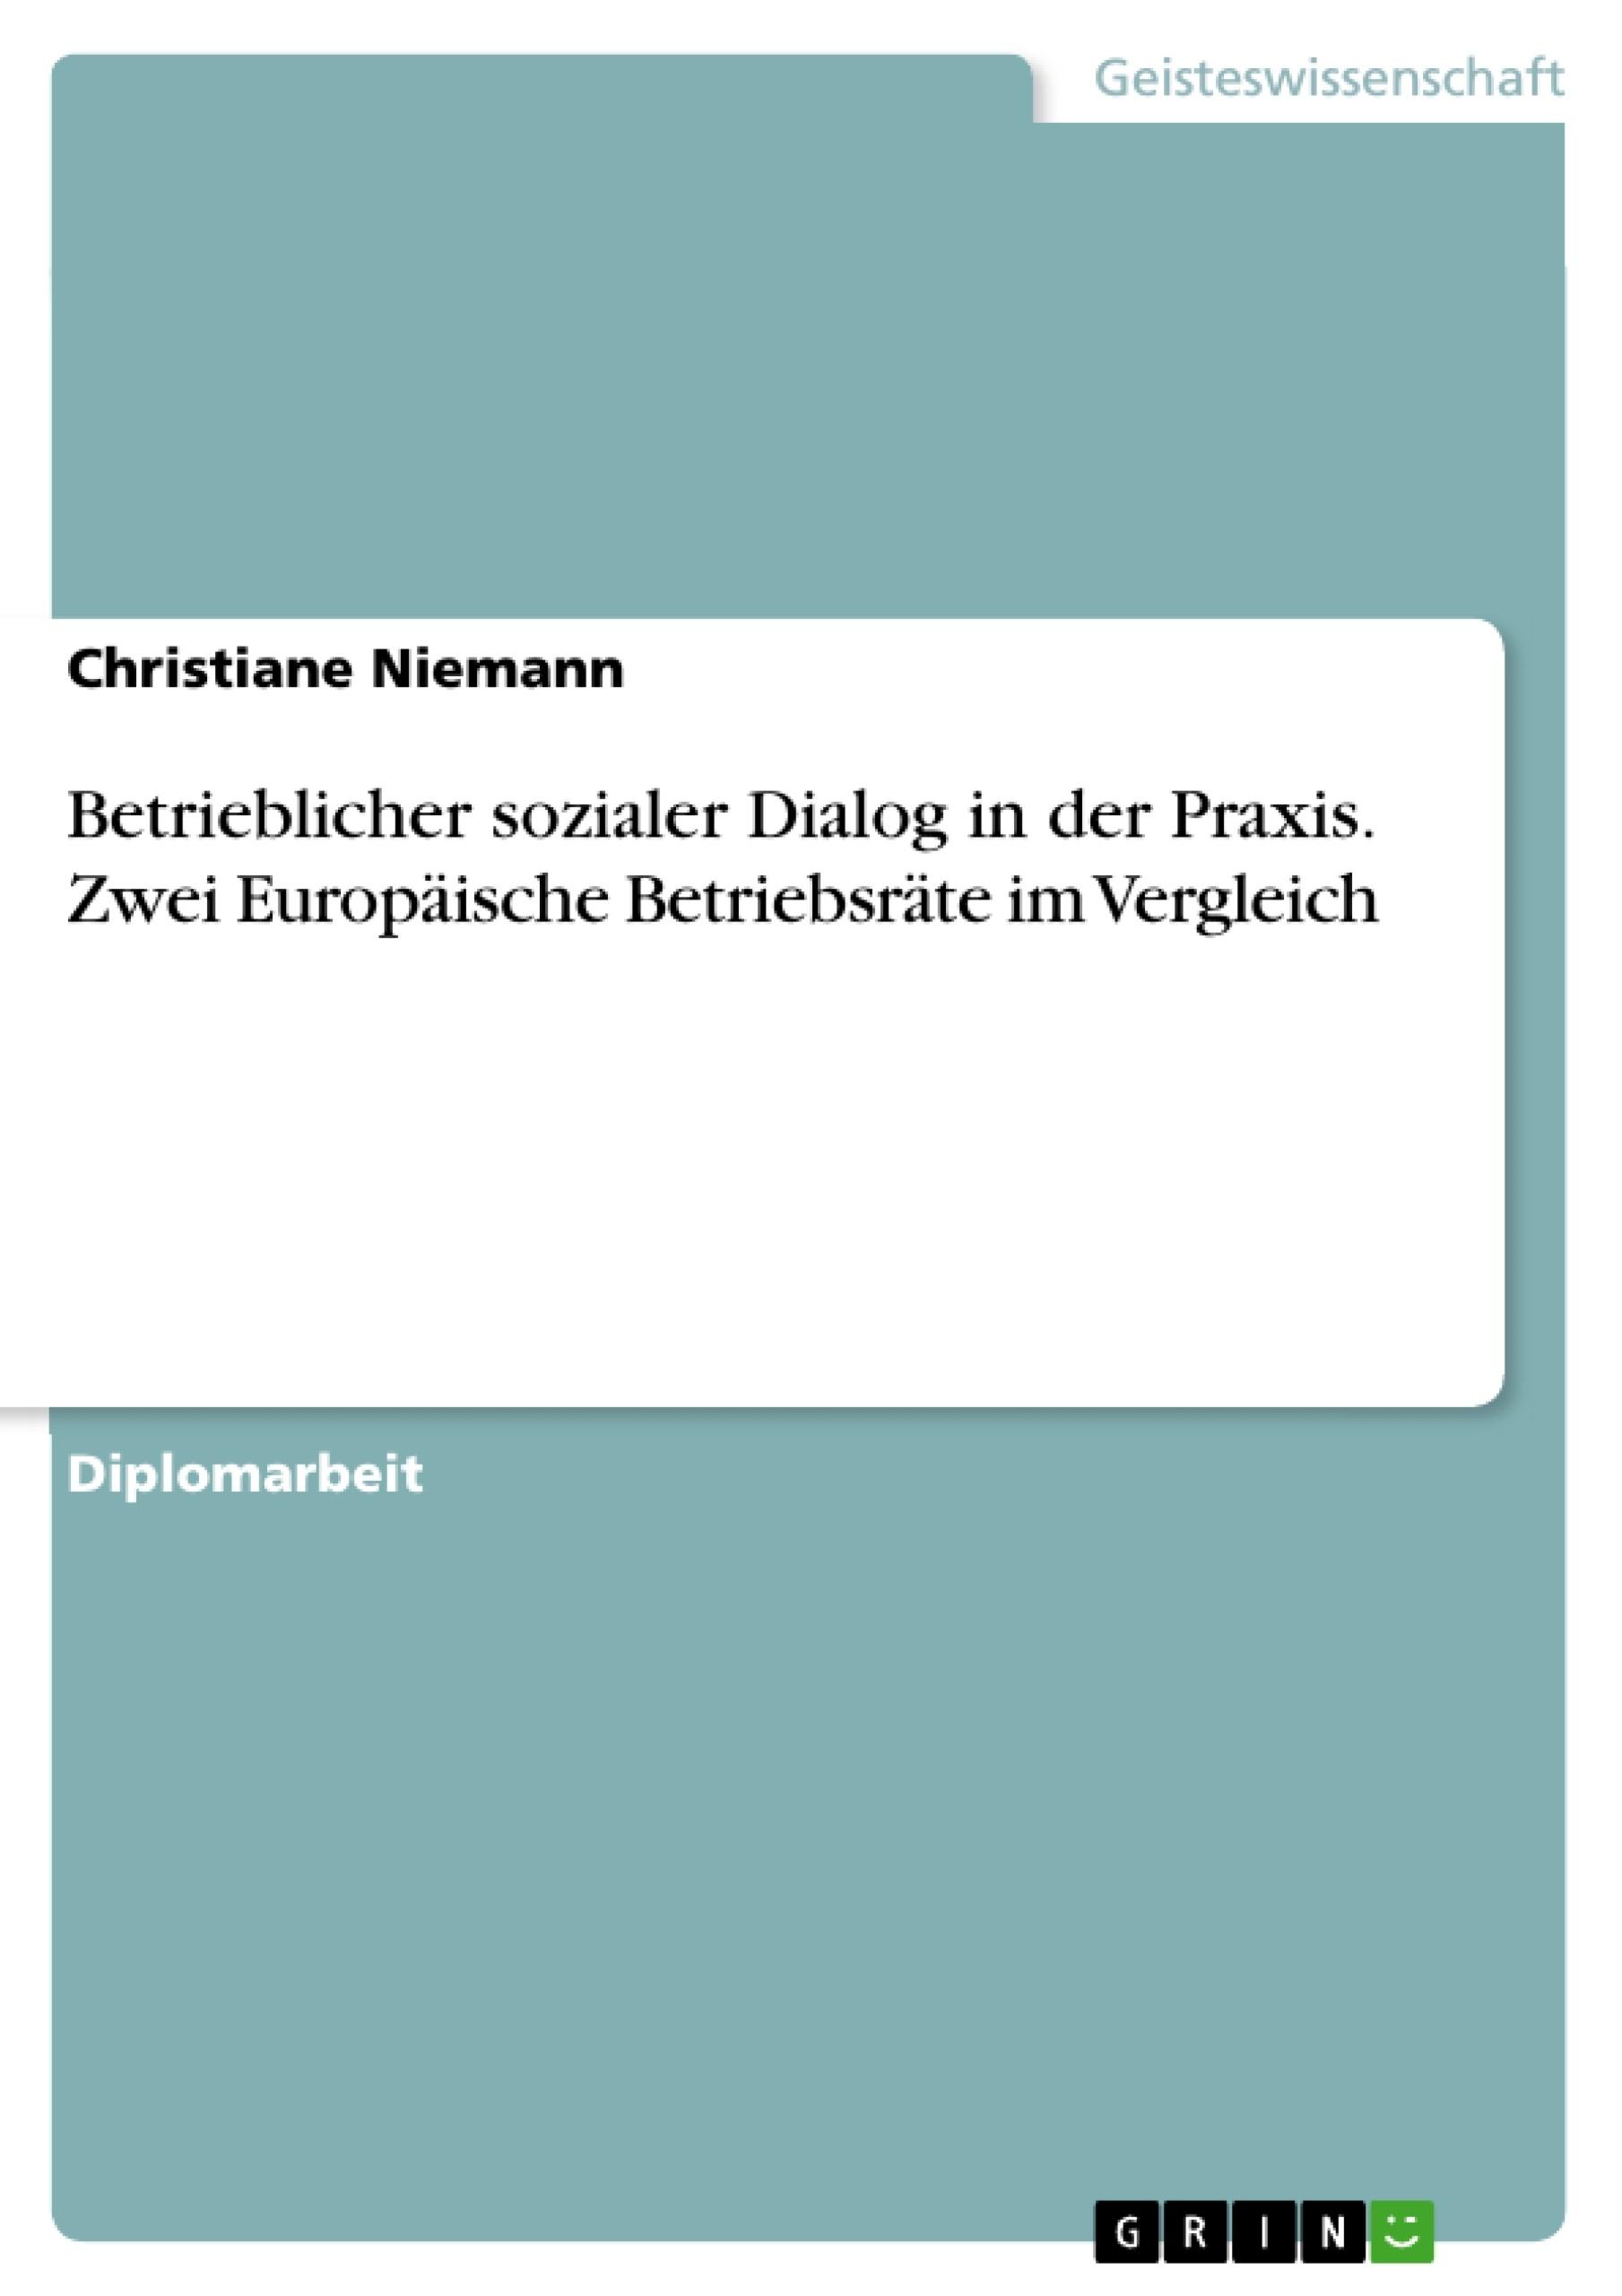 Titel: Betrieblicher sozialer Dialog in der Praxis. Zwei Europäische Betriebsräte im Vergleich